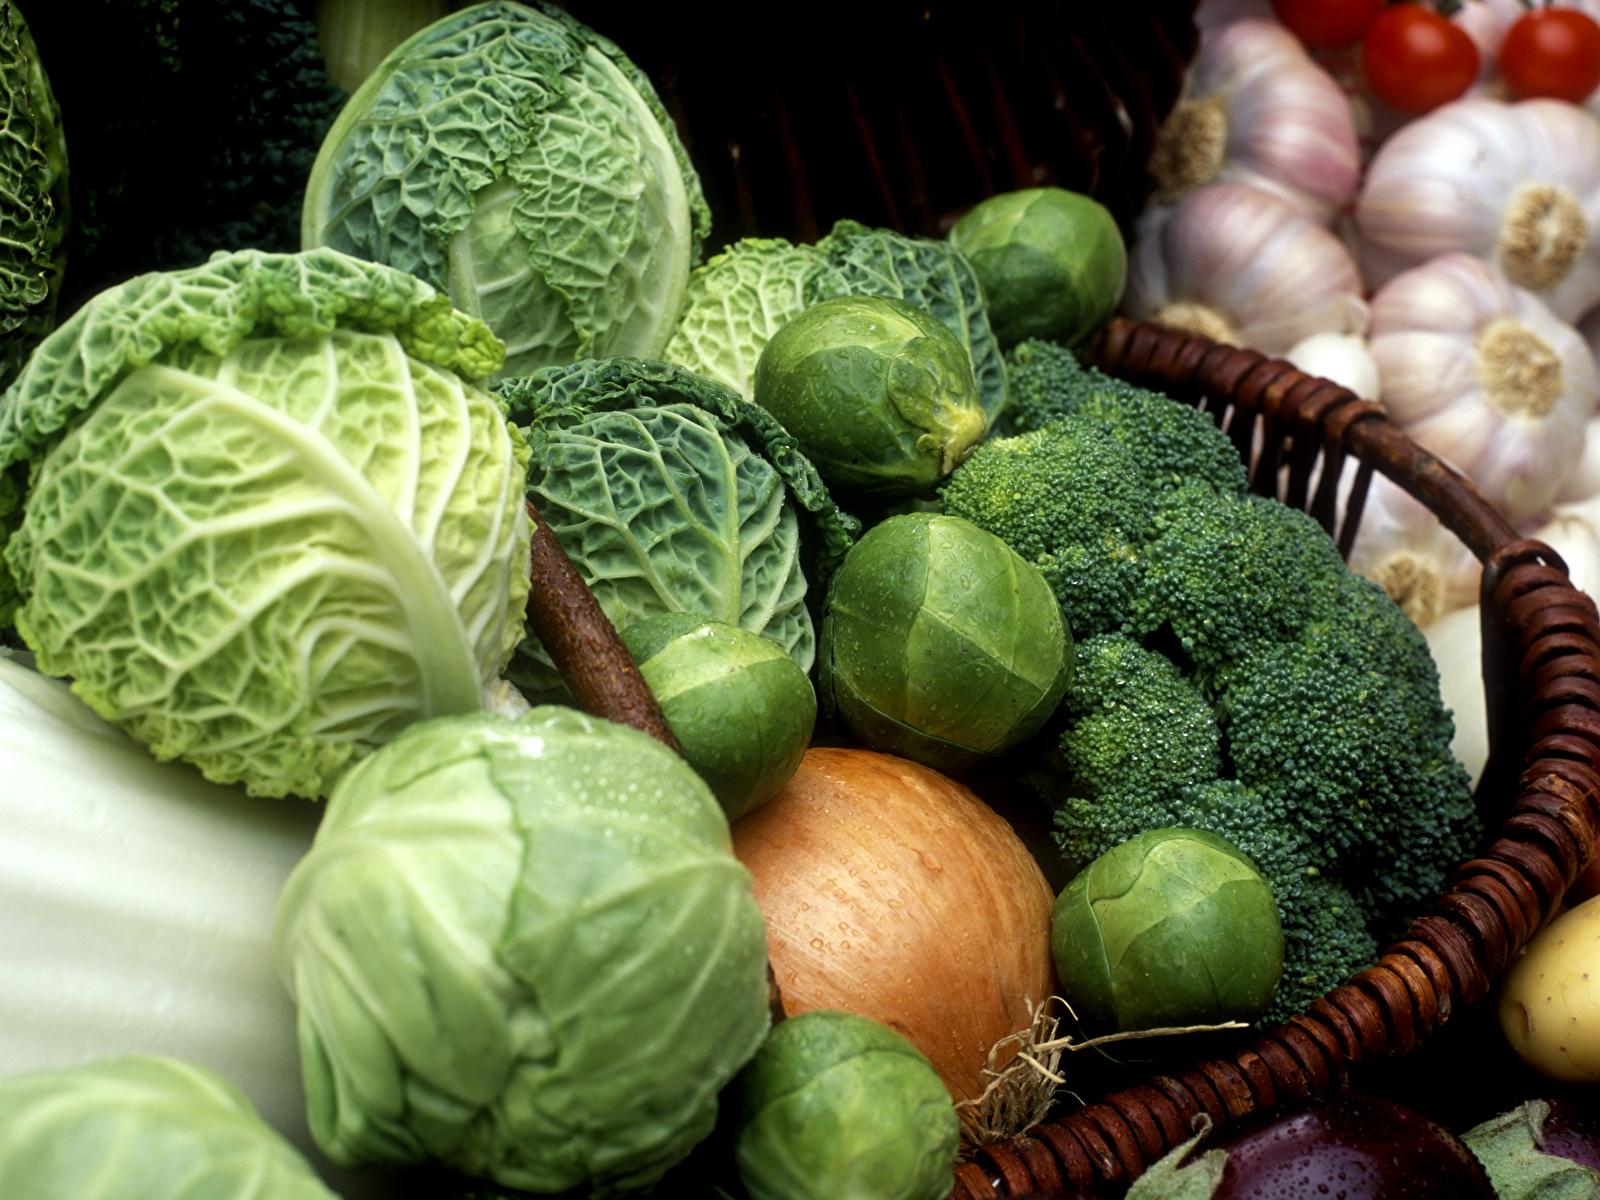 Обои для рабочего стола Капуста Лук репчатый Пища Овощи Много 1600x1200 Еда Продукты питания